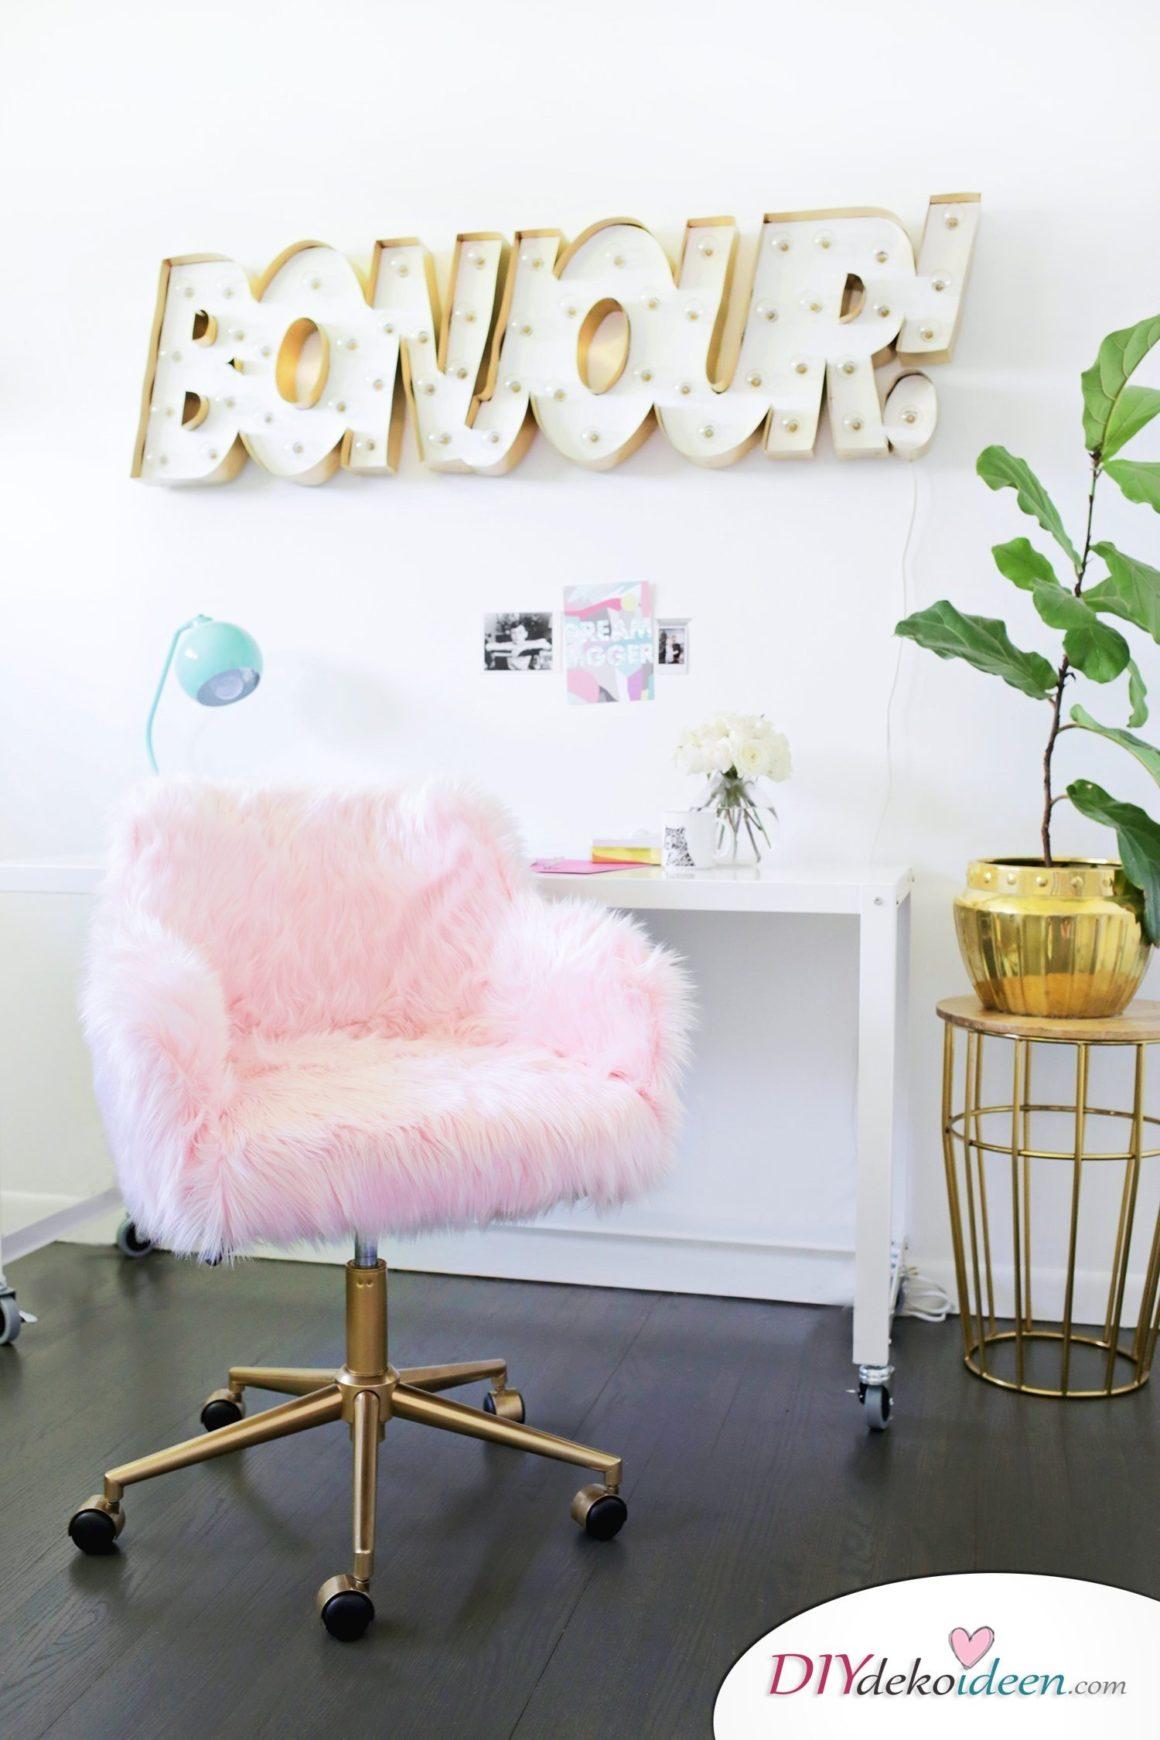 DIY Bürosessel: Möbel-Deko-Ideen